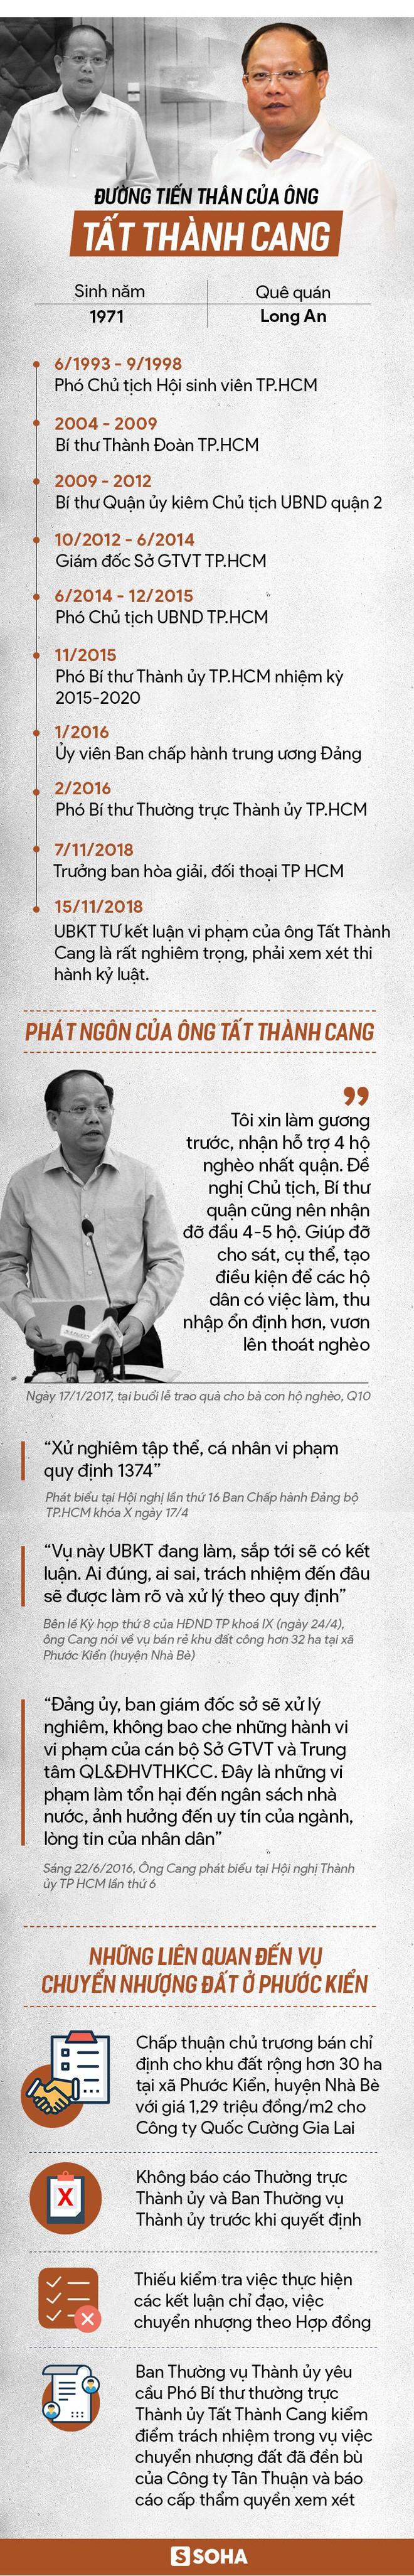 Ông Tất Thành Cang bị cách chức Ủy viên Trung ương Đảng, Phó Bí thư Thành ủy TPHCM - Ảnh 1.